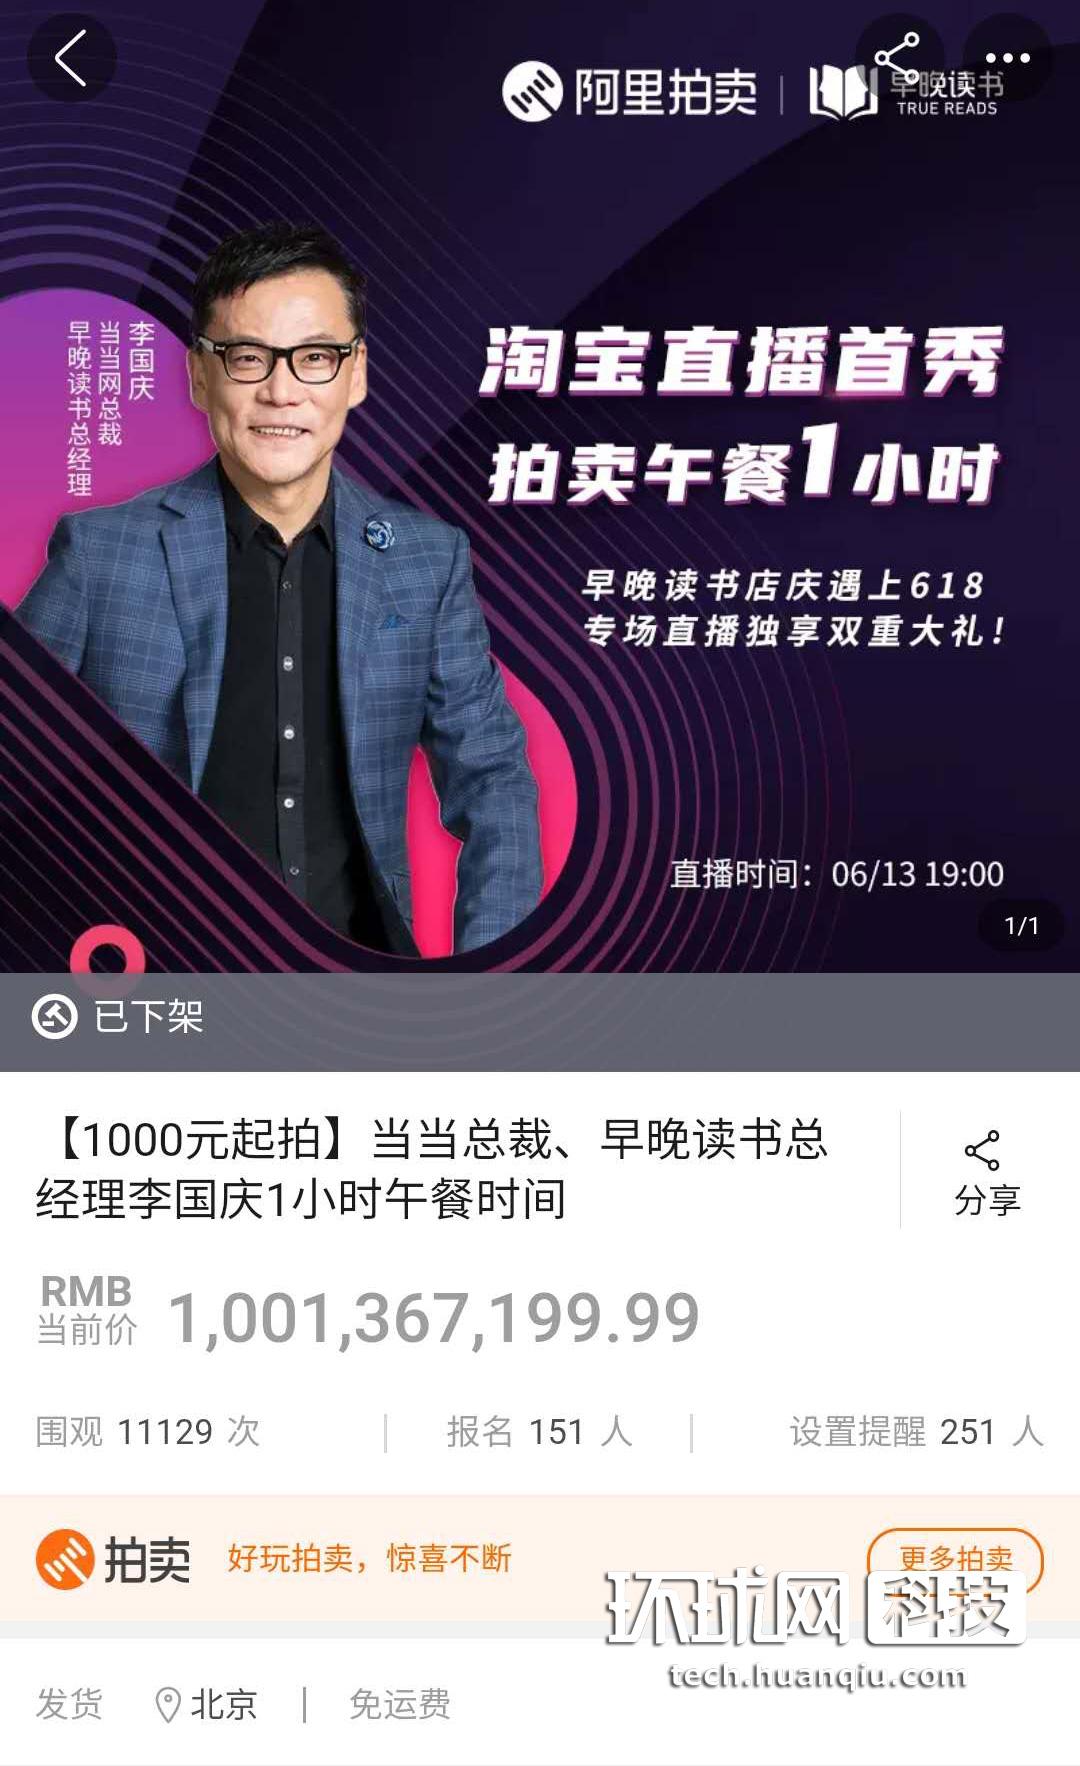 李国庆:因有人恶意抬价至10亿元 午餐一小时将重拍